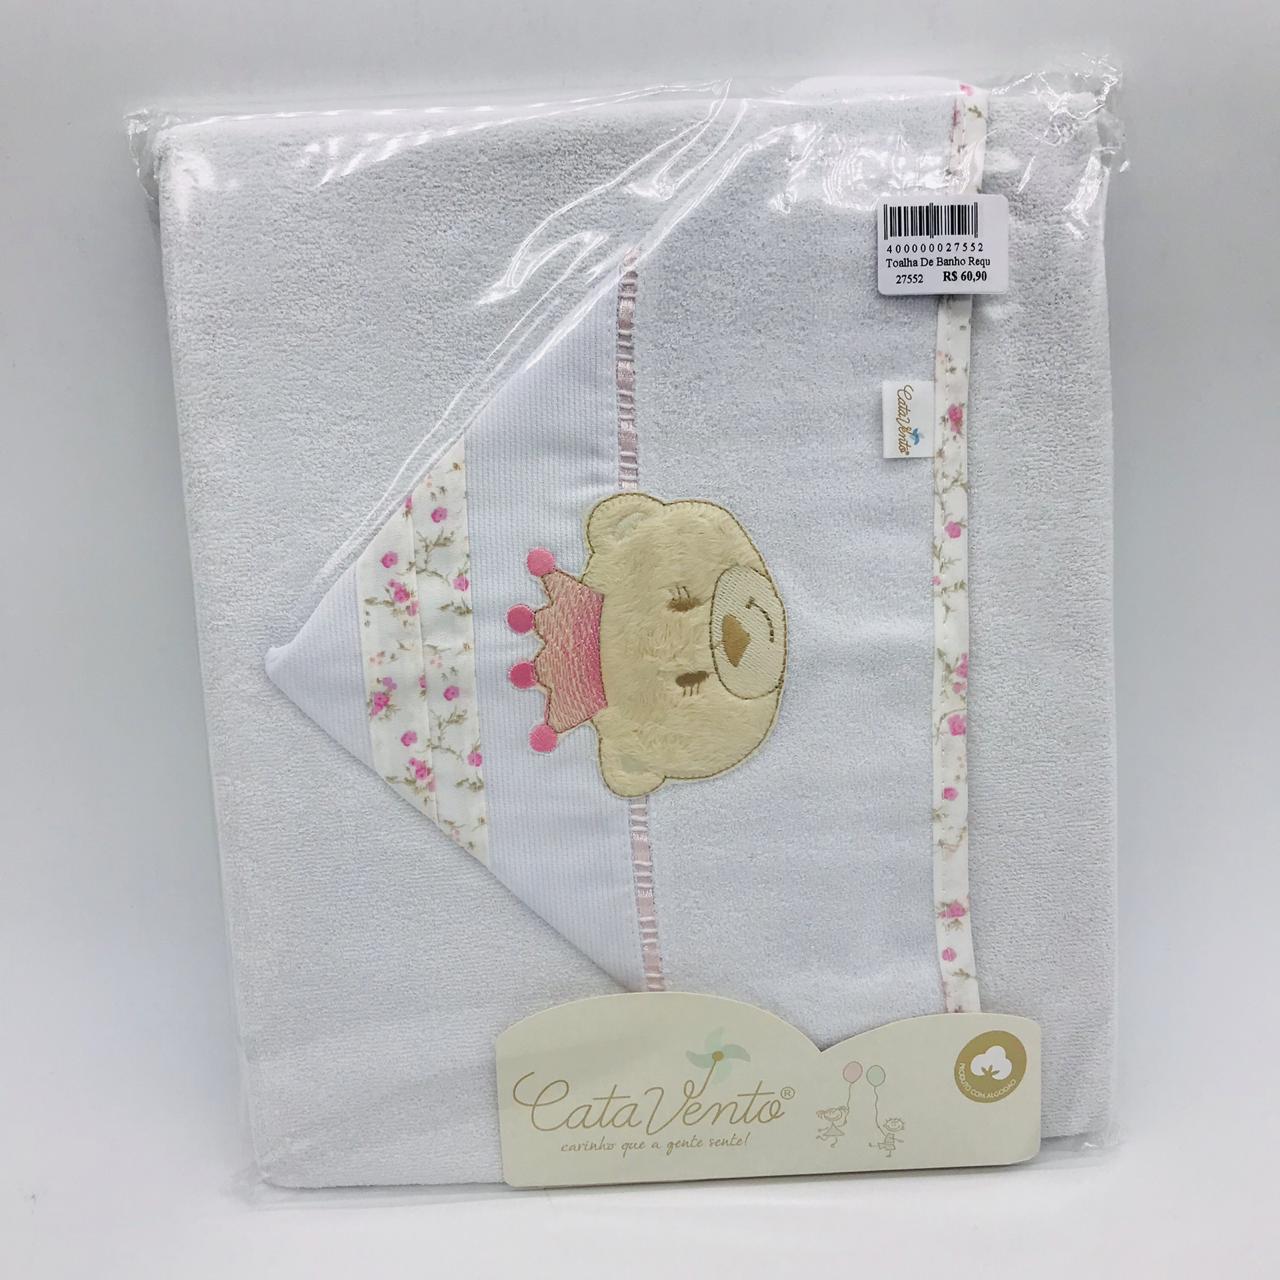 Toalha de Banho Requinte Rosa Ursa Princesa Floral - Catavento Ref 501